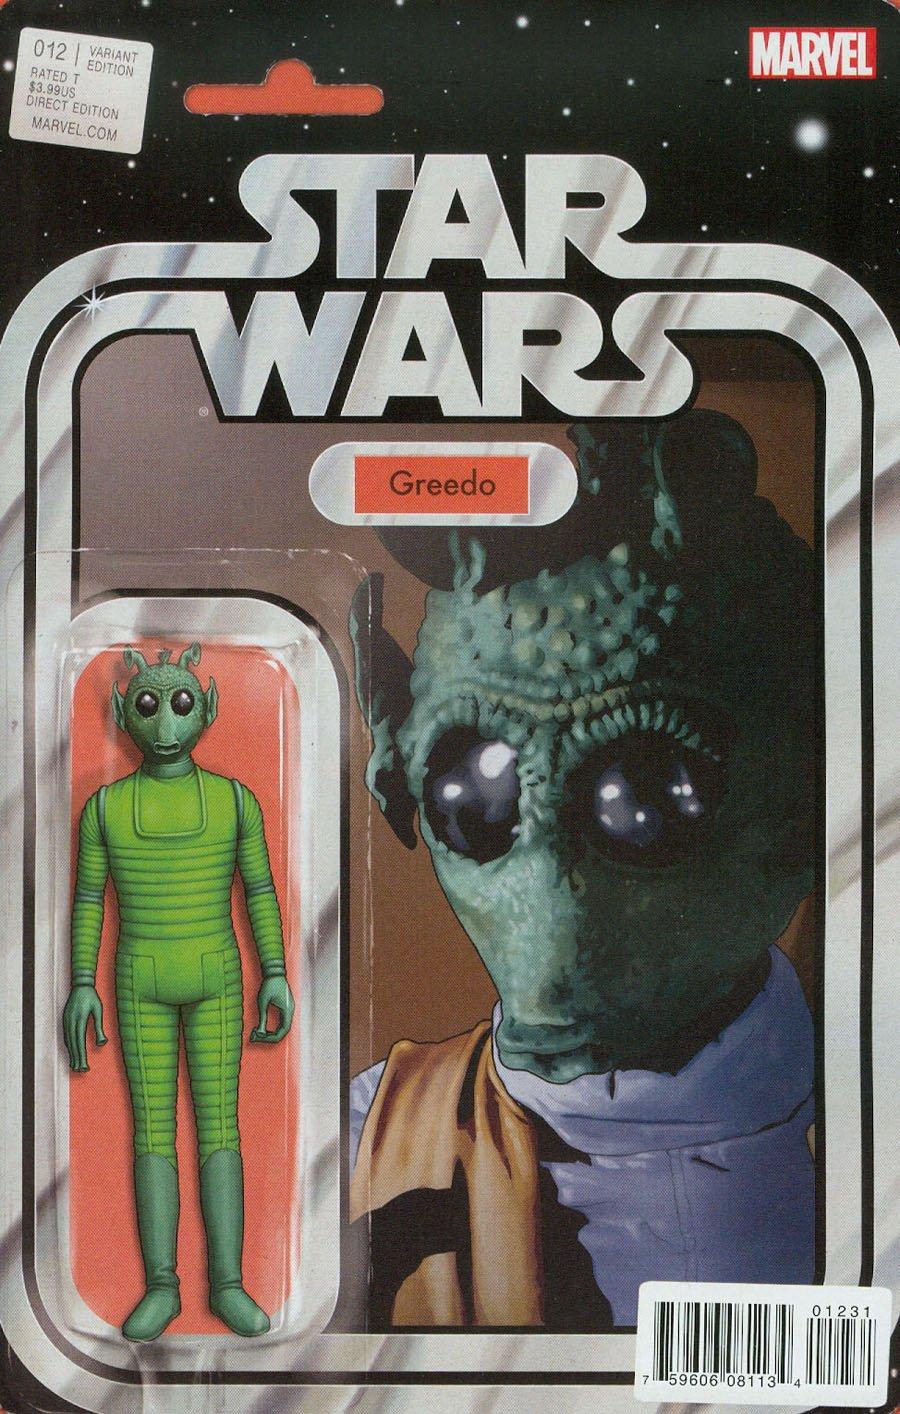 Star Wars #12 MARVEL COMICS John Tyler Christopher Action Figure Variant Greedo